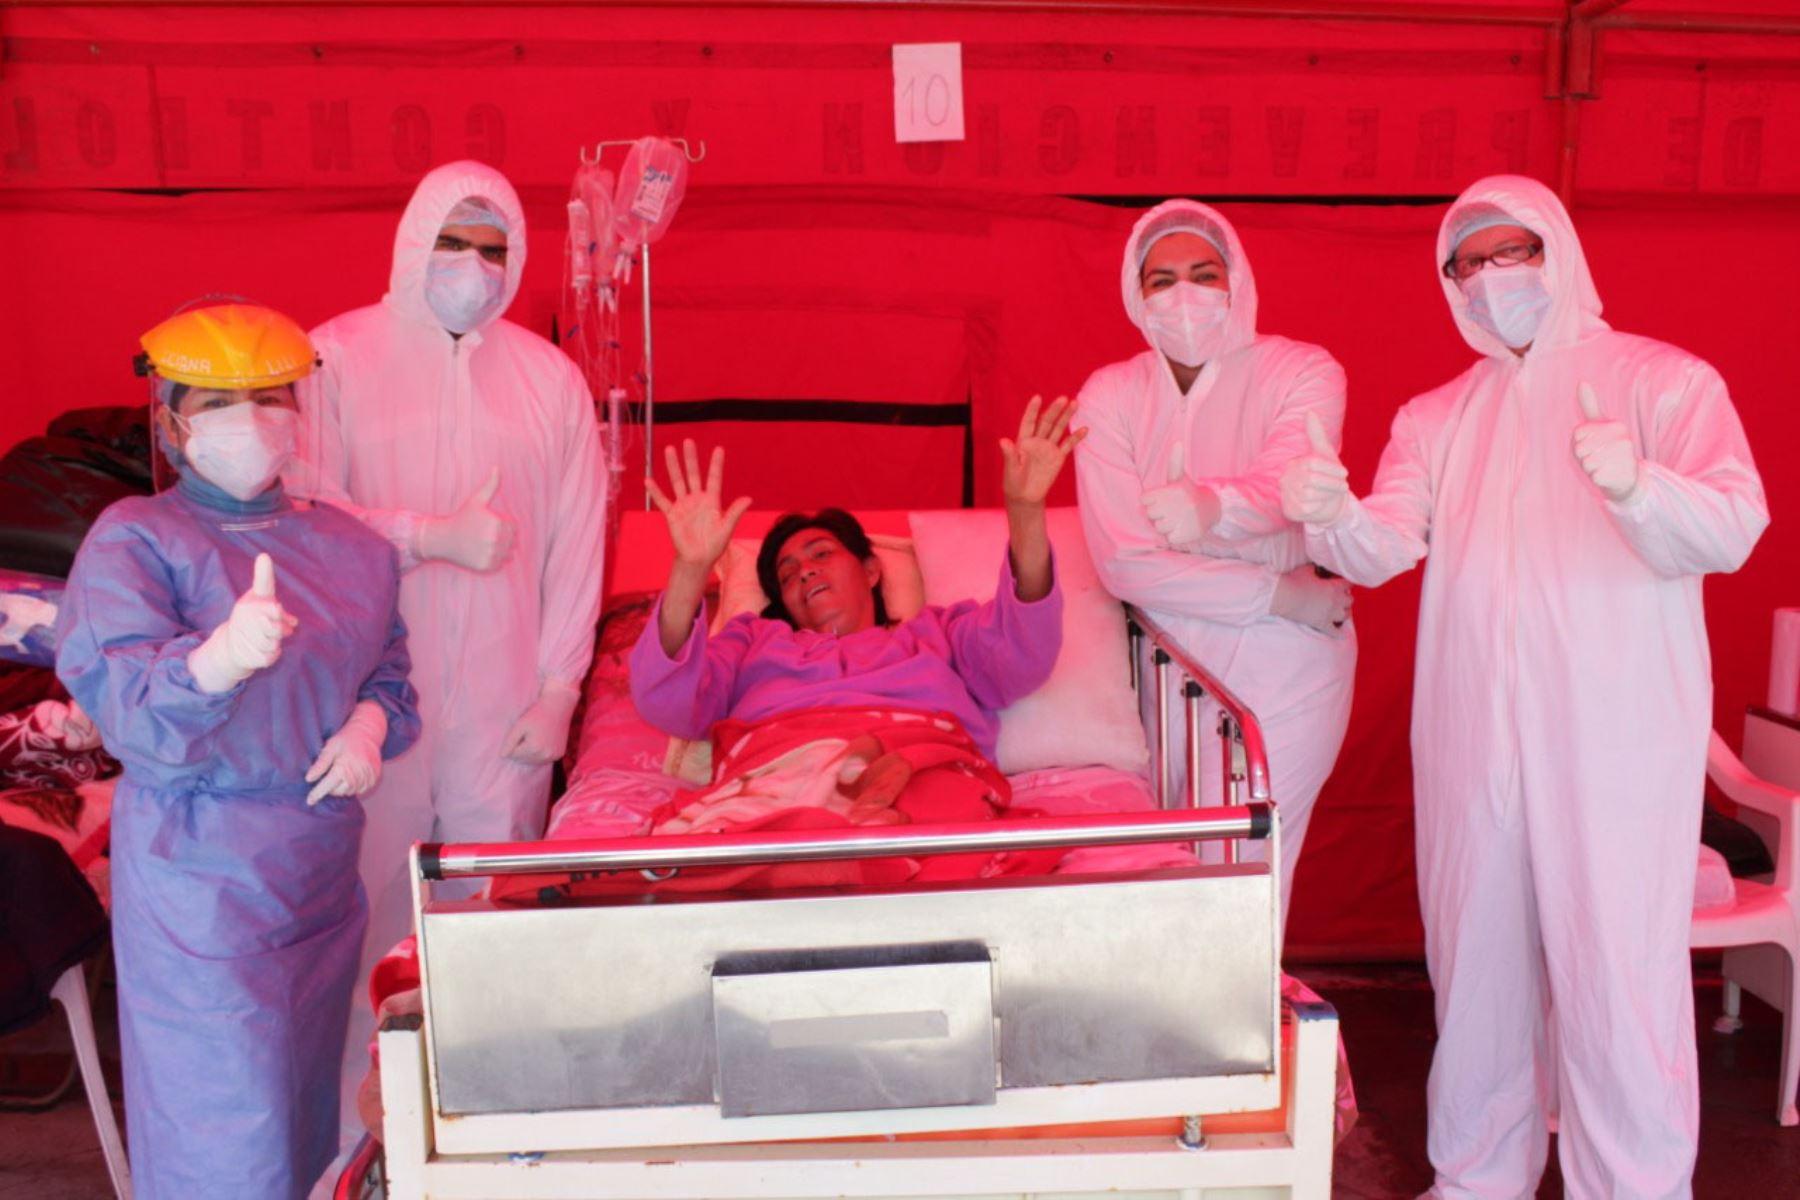 Catalina agradeció a los profesionales de la salud del Hospital La Caleta de Chimbote por ayudarla en su proceso de recuperación del covid-19.